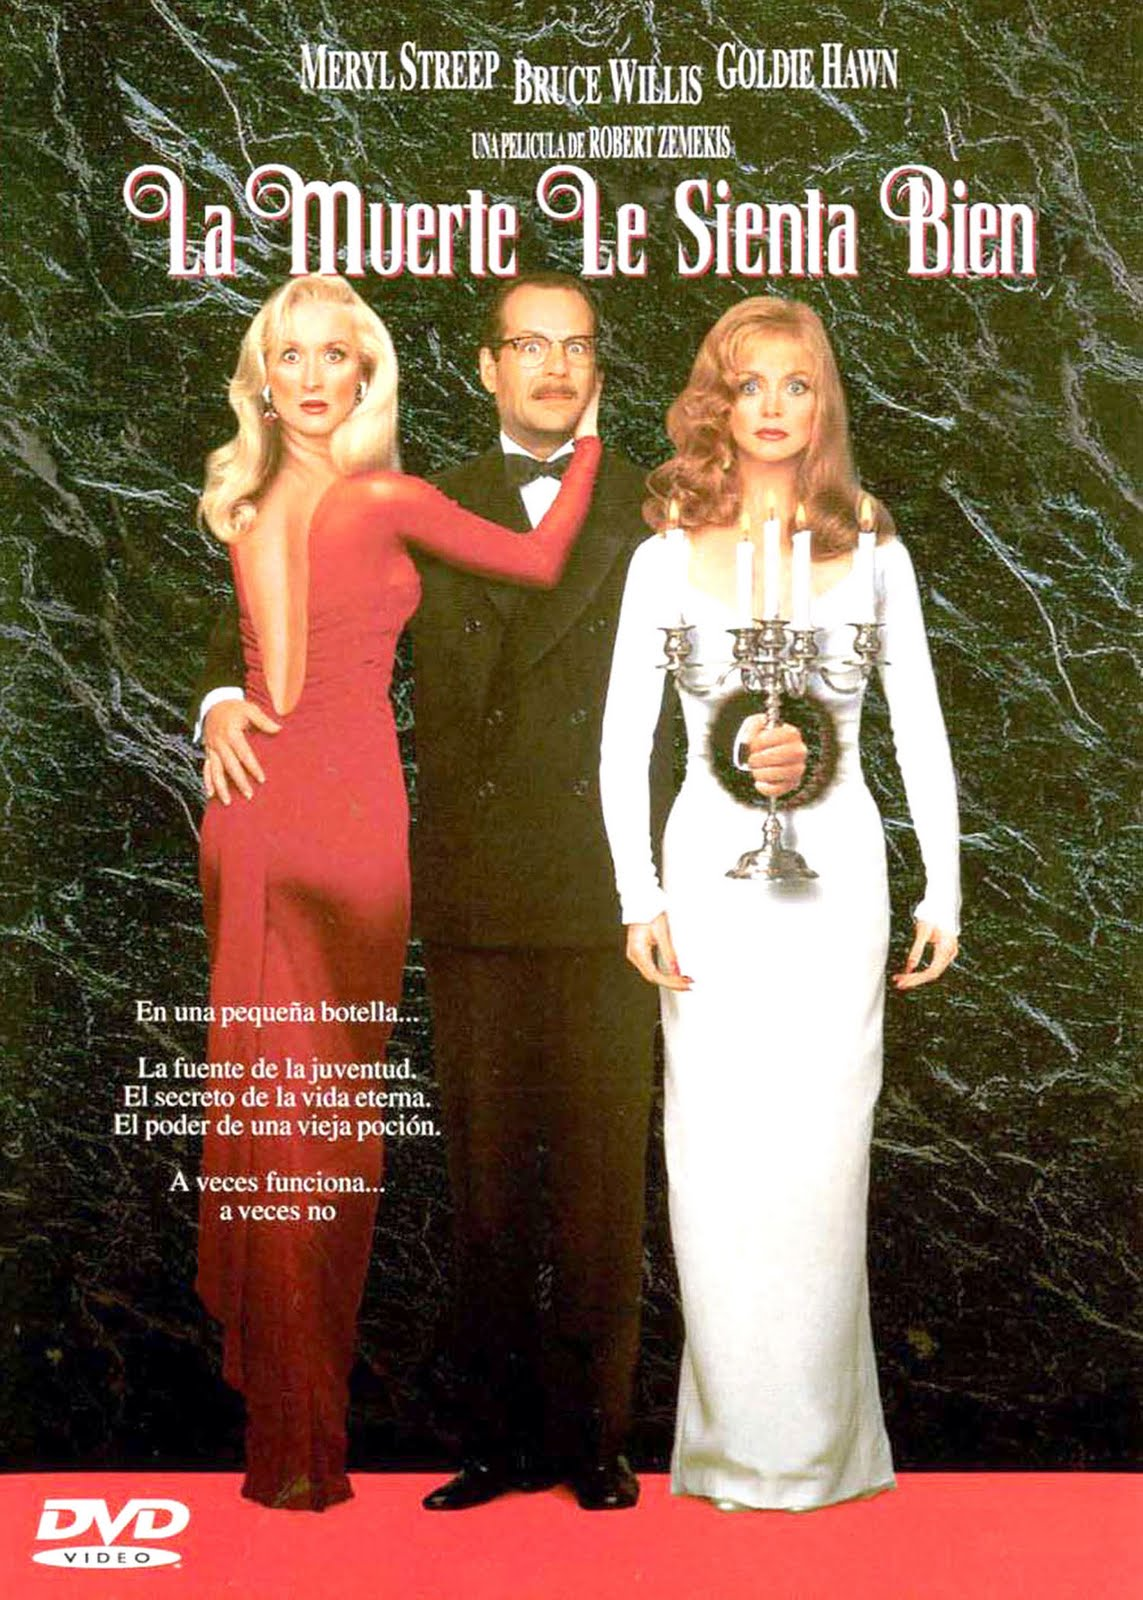 La muerte le sienta bien - (1992) - Retro Review - Propio